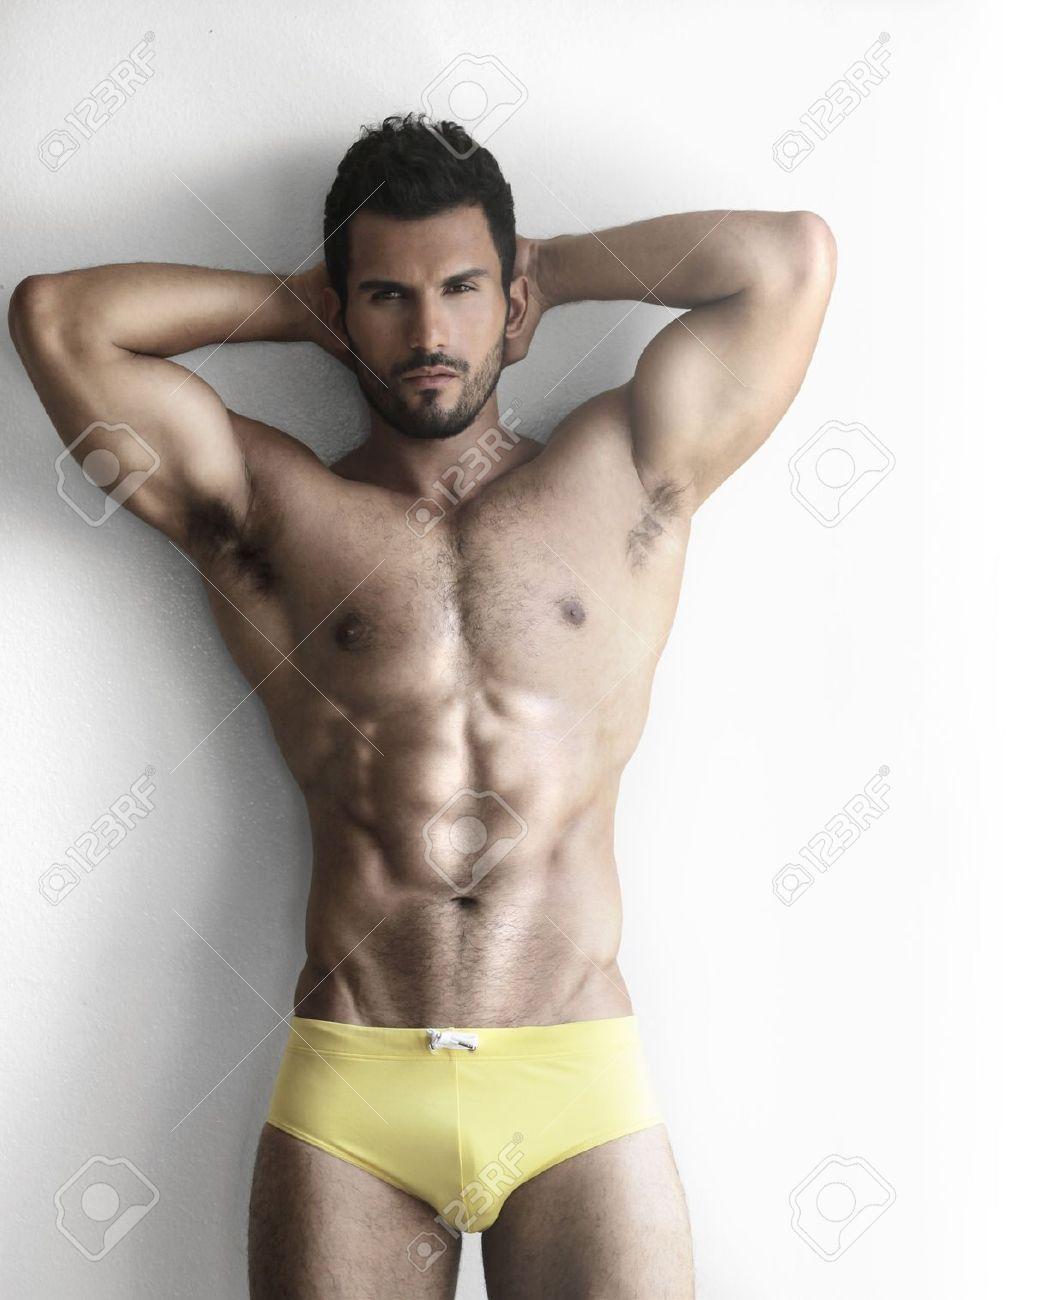 modèles de sous-vêtements masculins nustube de massage porno